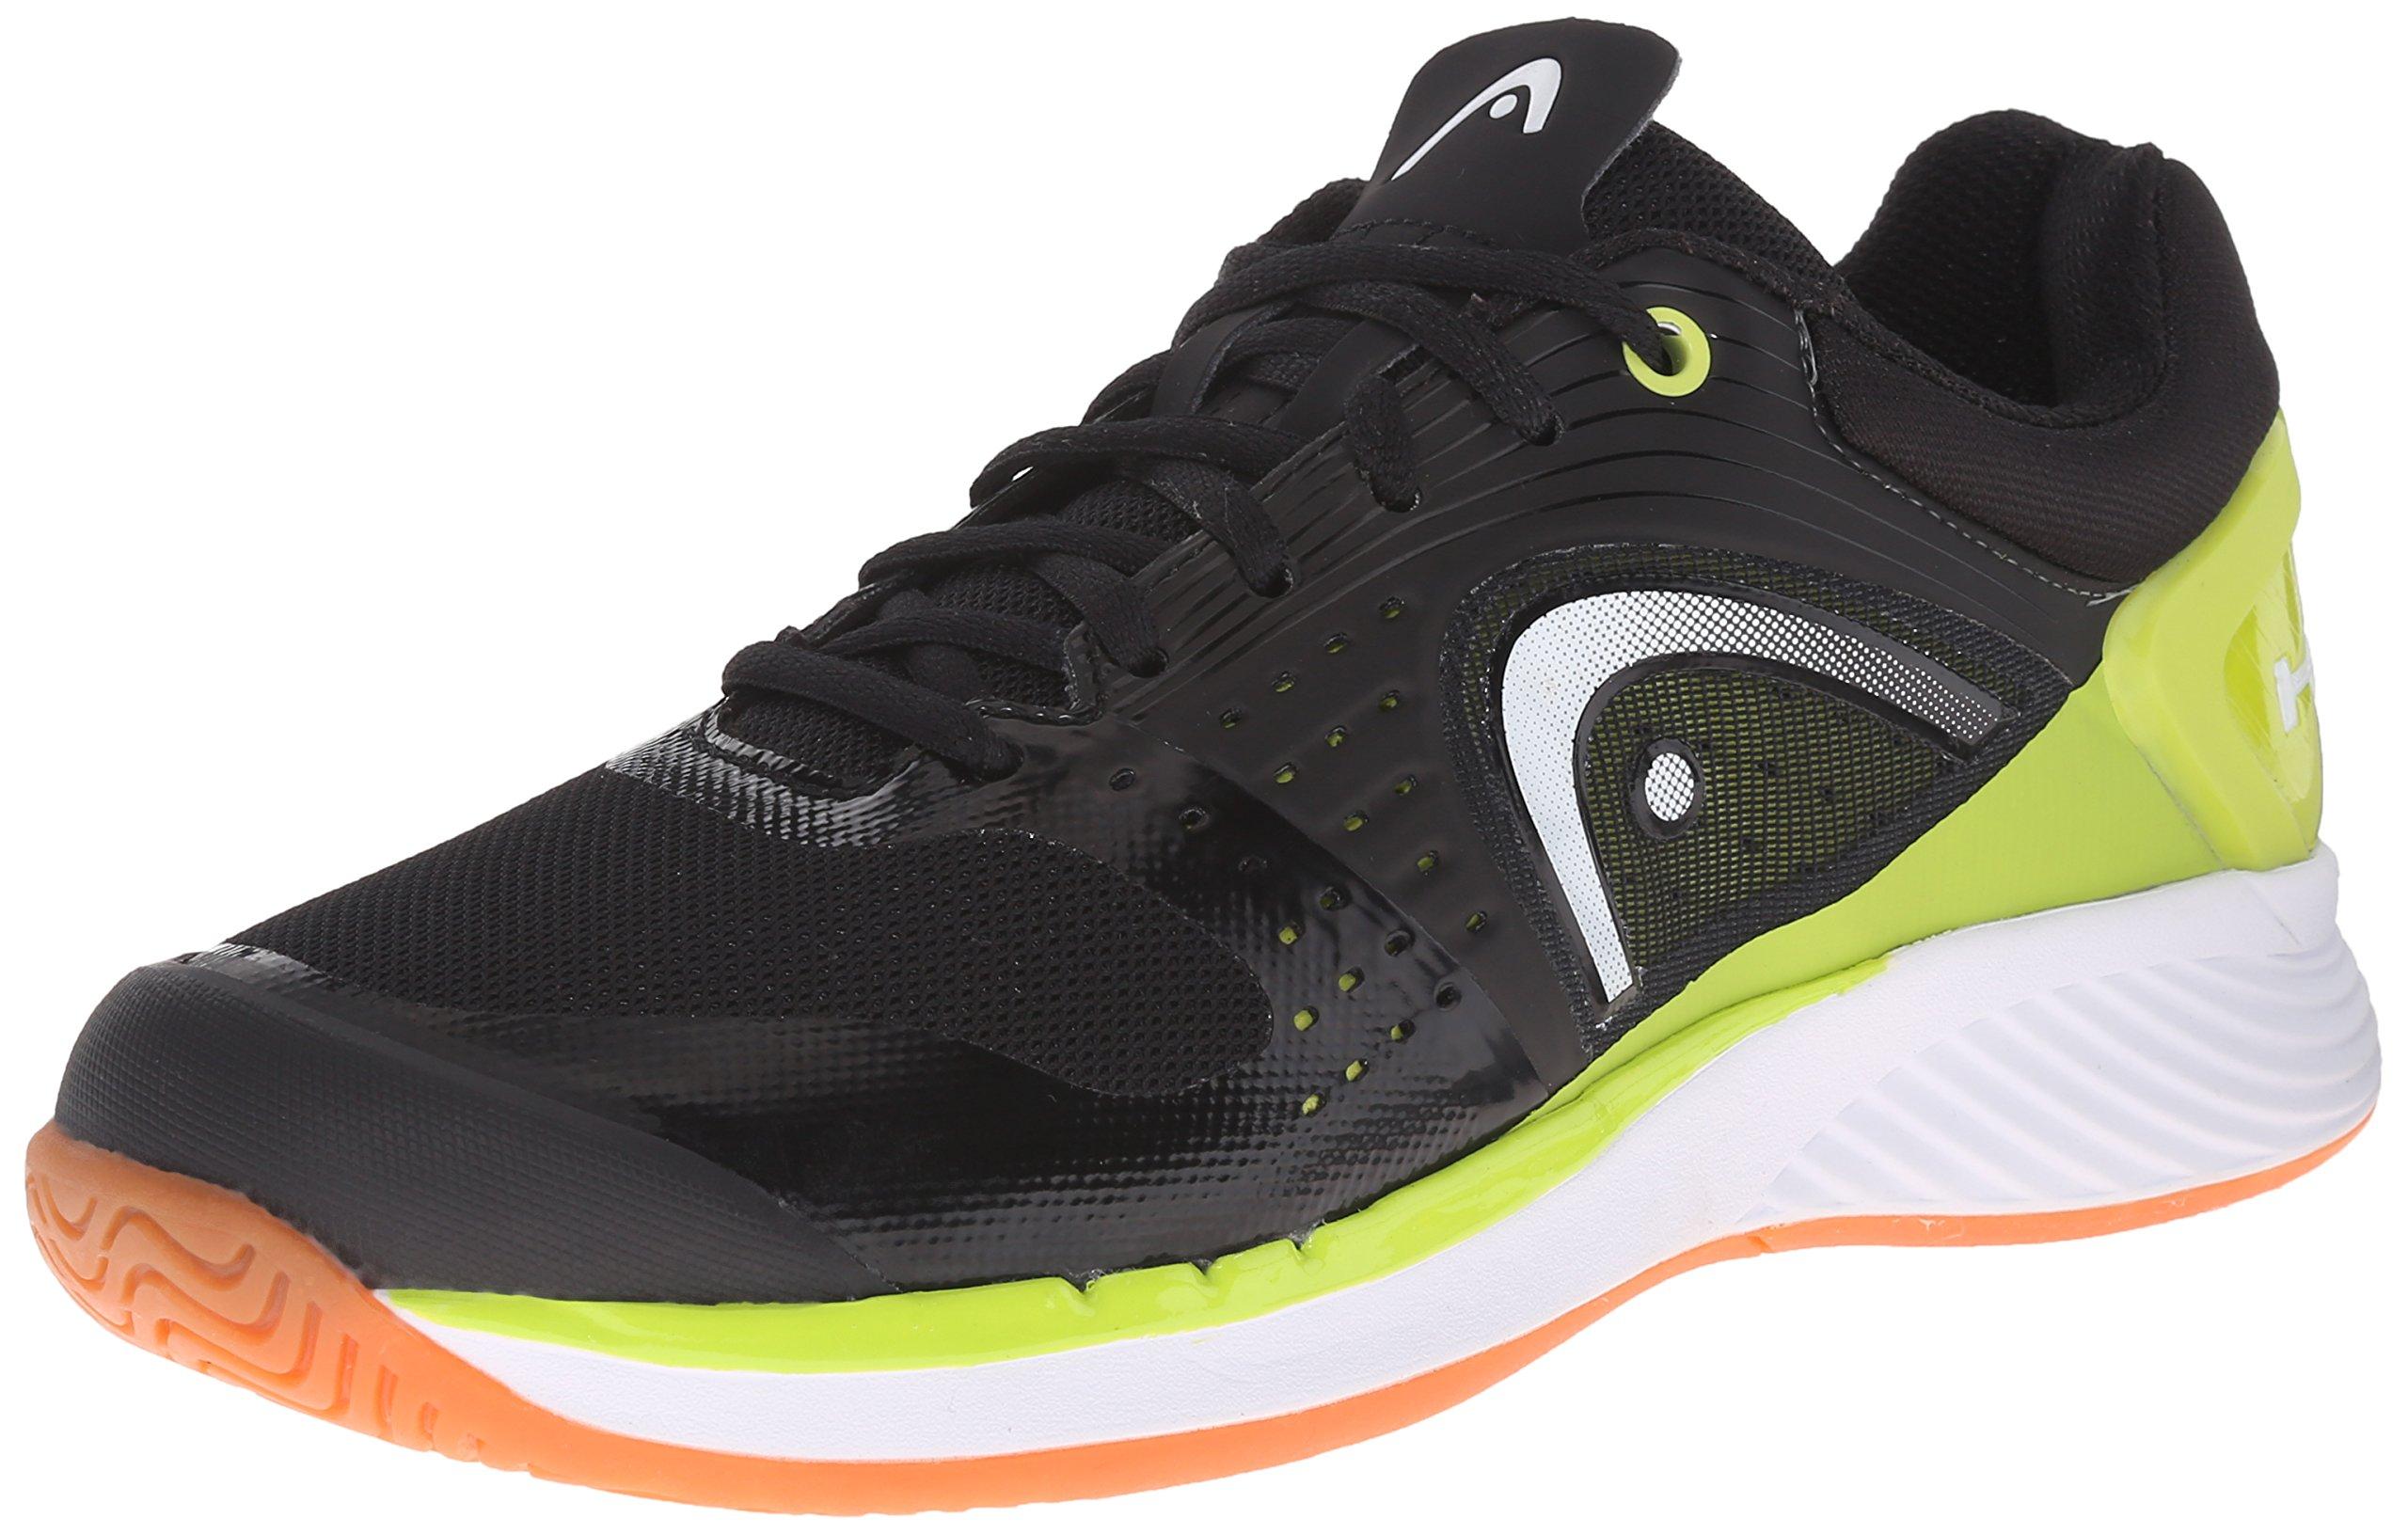 Head Men's Sprint Pro Indoor Low Shoe, Black/Lime, 7.5 M US